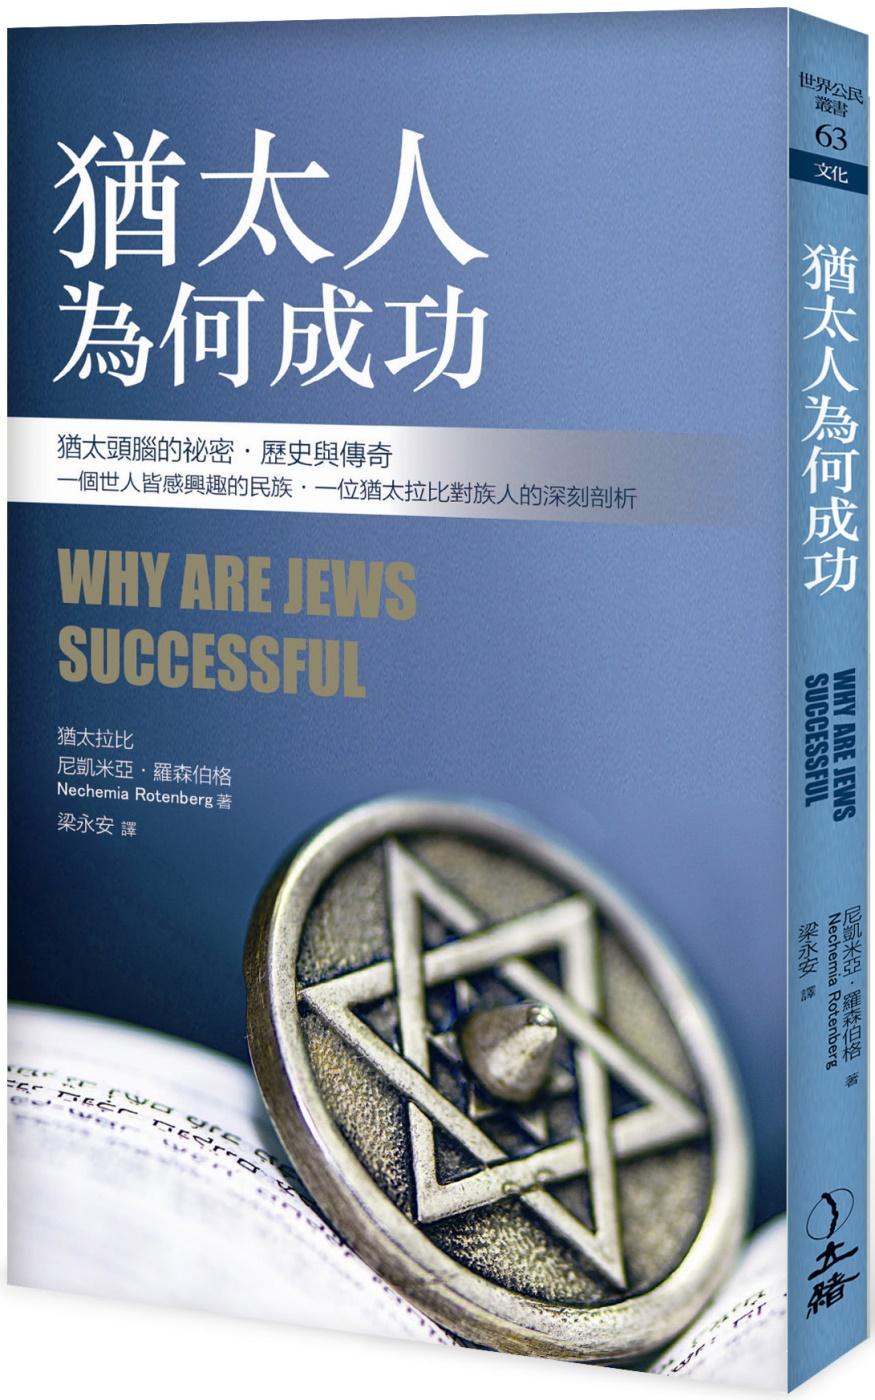 猶太人為何成功(2021年版)